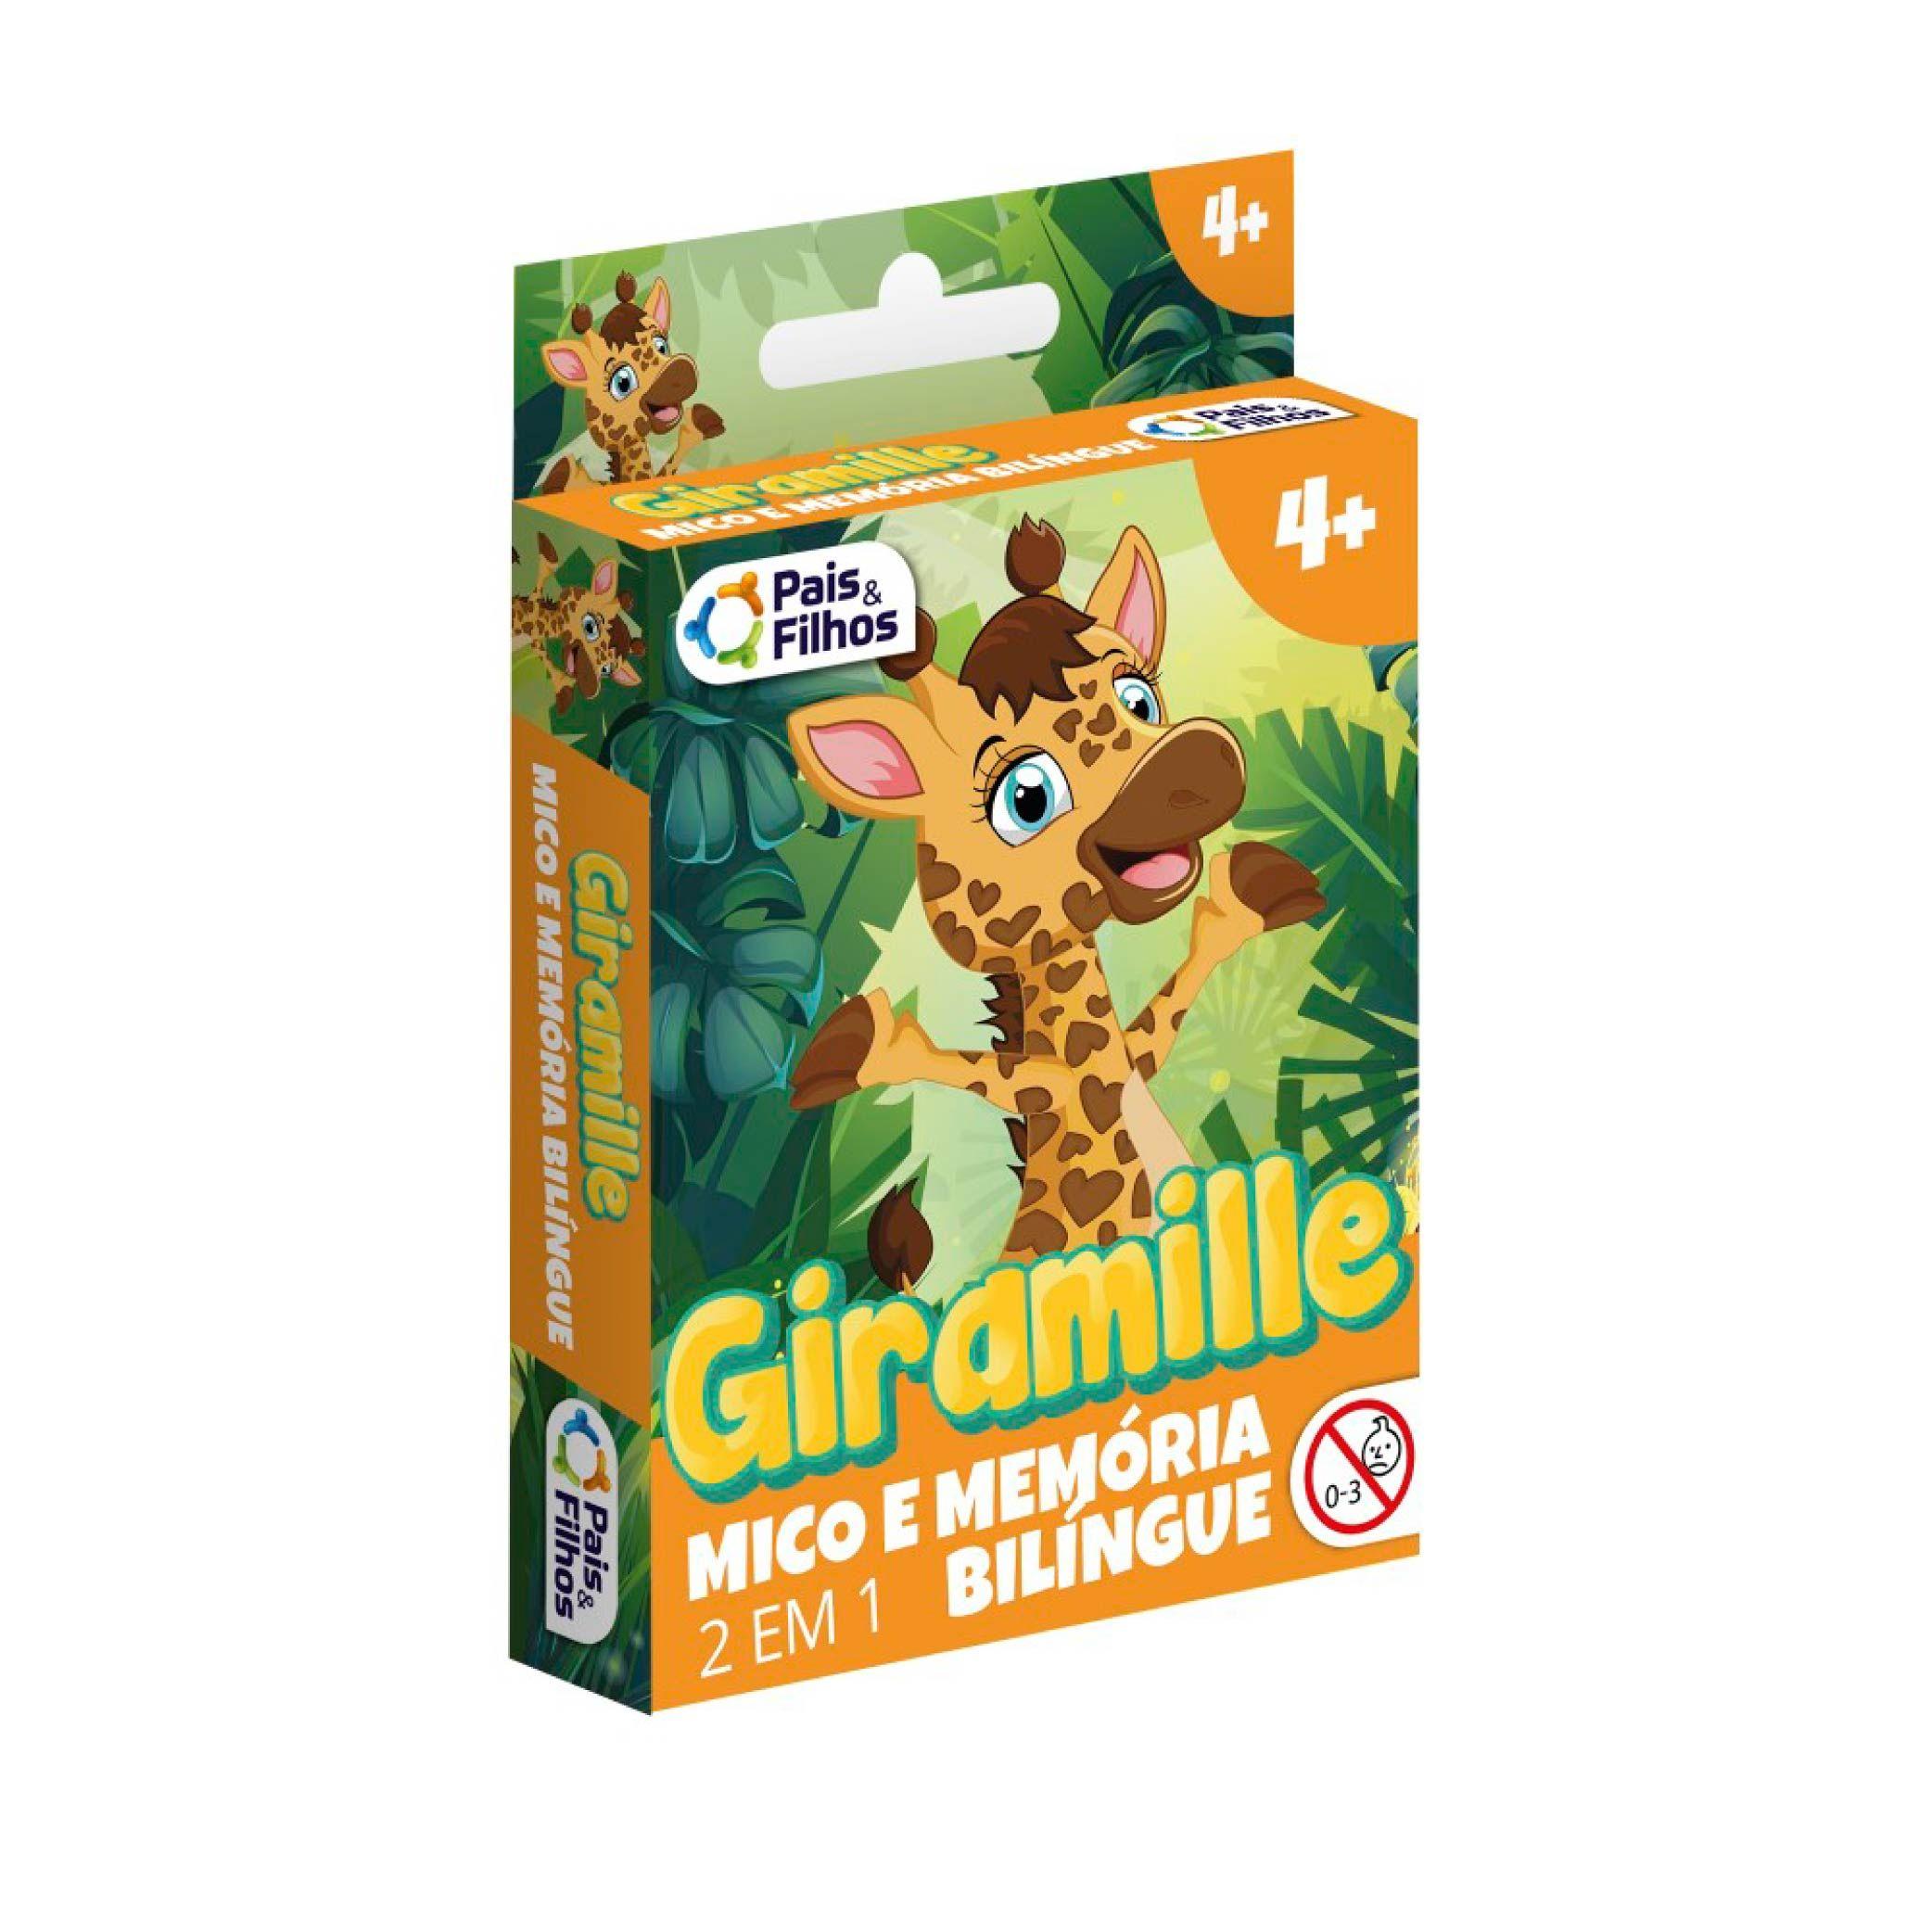 Giramille - Mico e Memória Bilíngue-10786